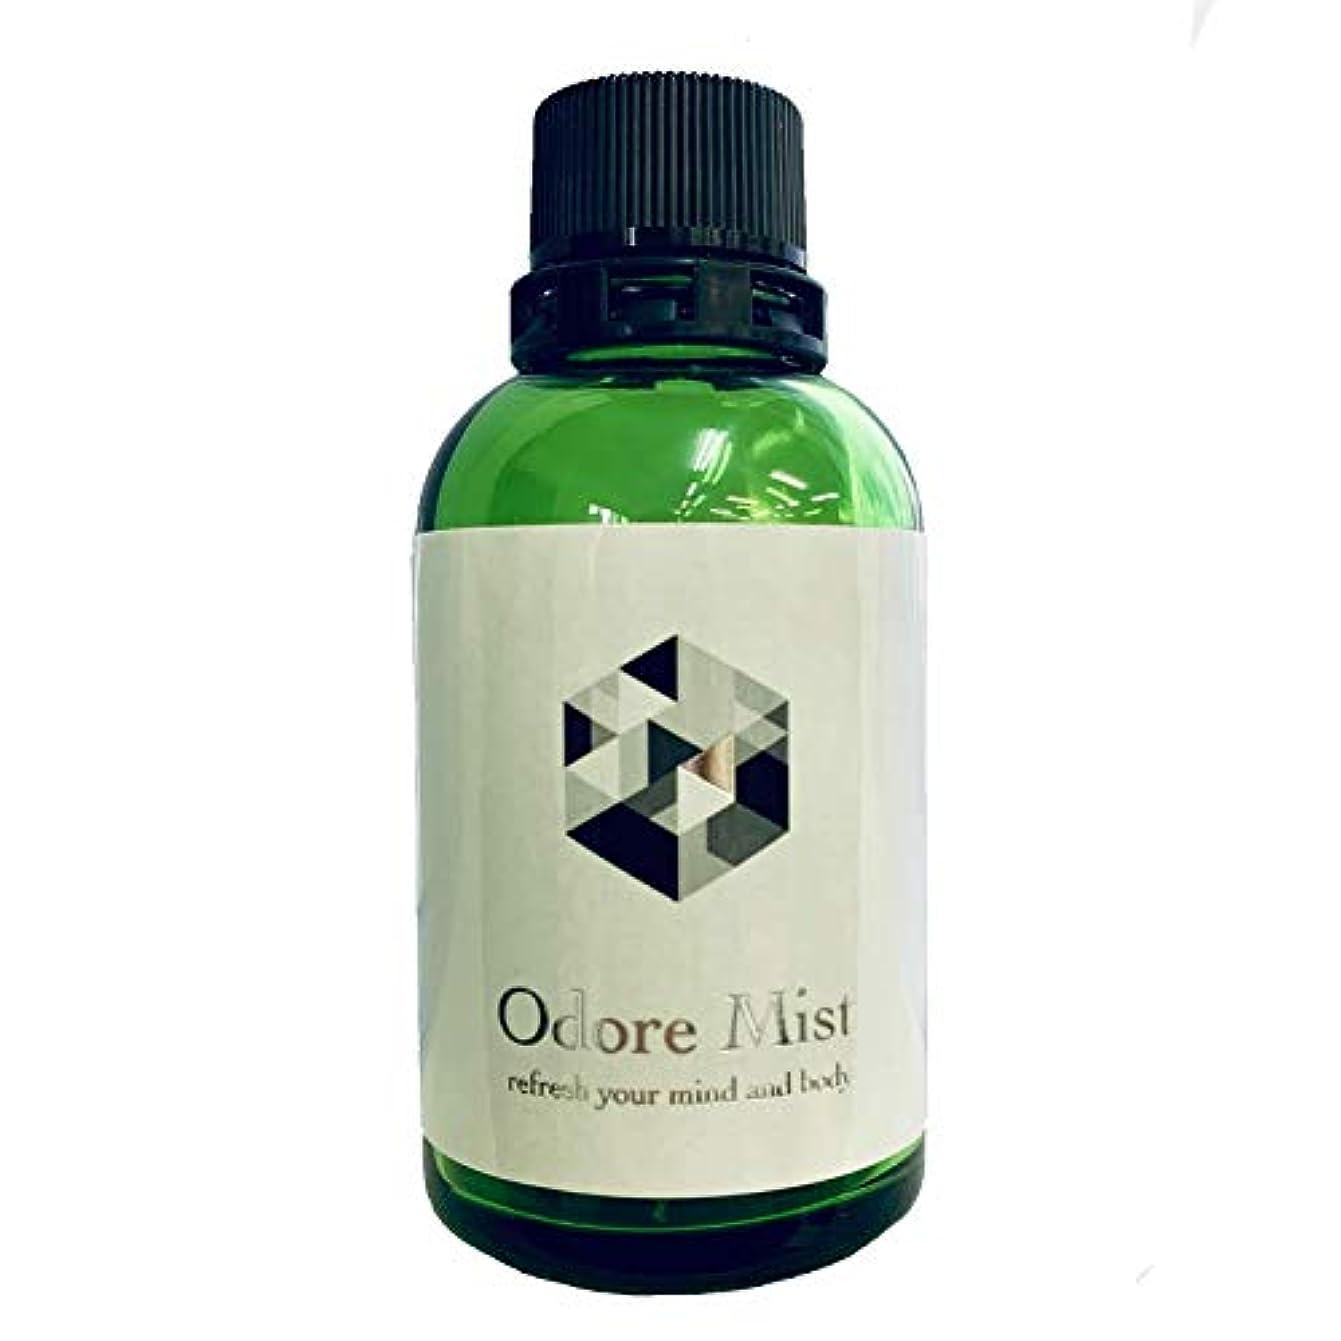 美的茎寄稿者オドレミスト60ml(詰め替え用?ミストポンプなし) 塩化アルミニウム13%配合デオドラント スプレー